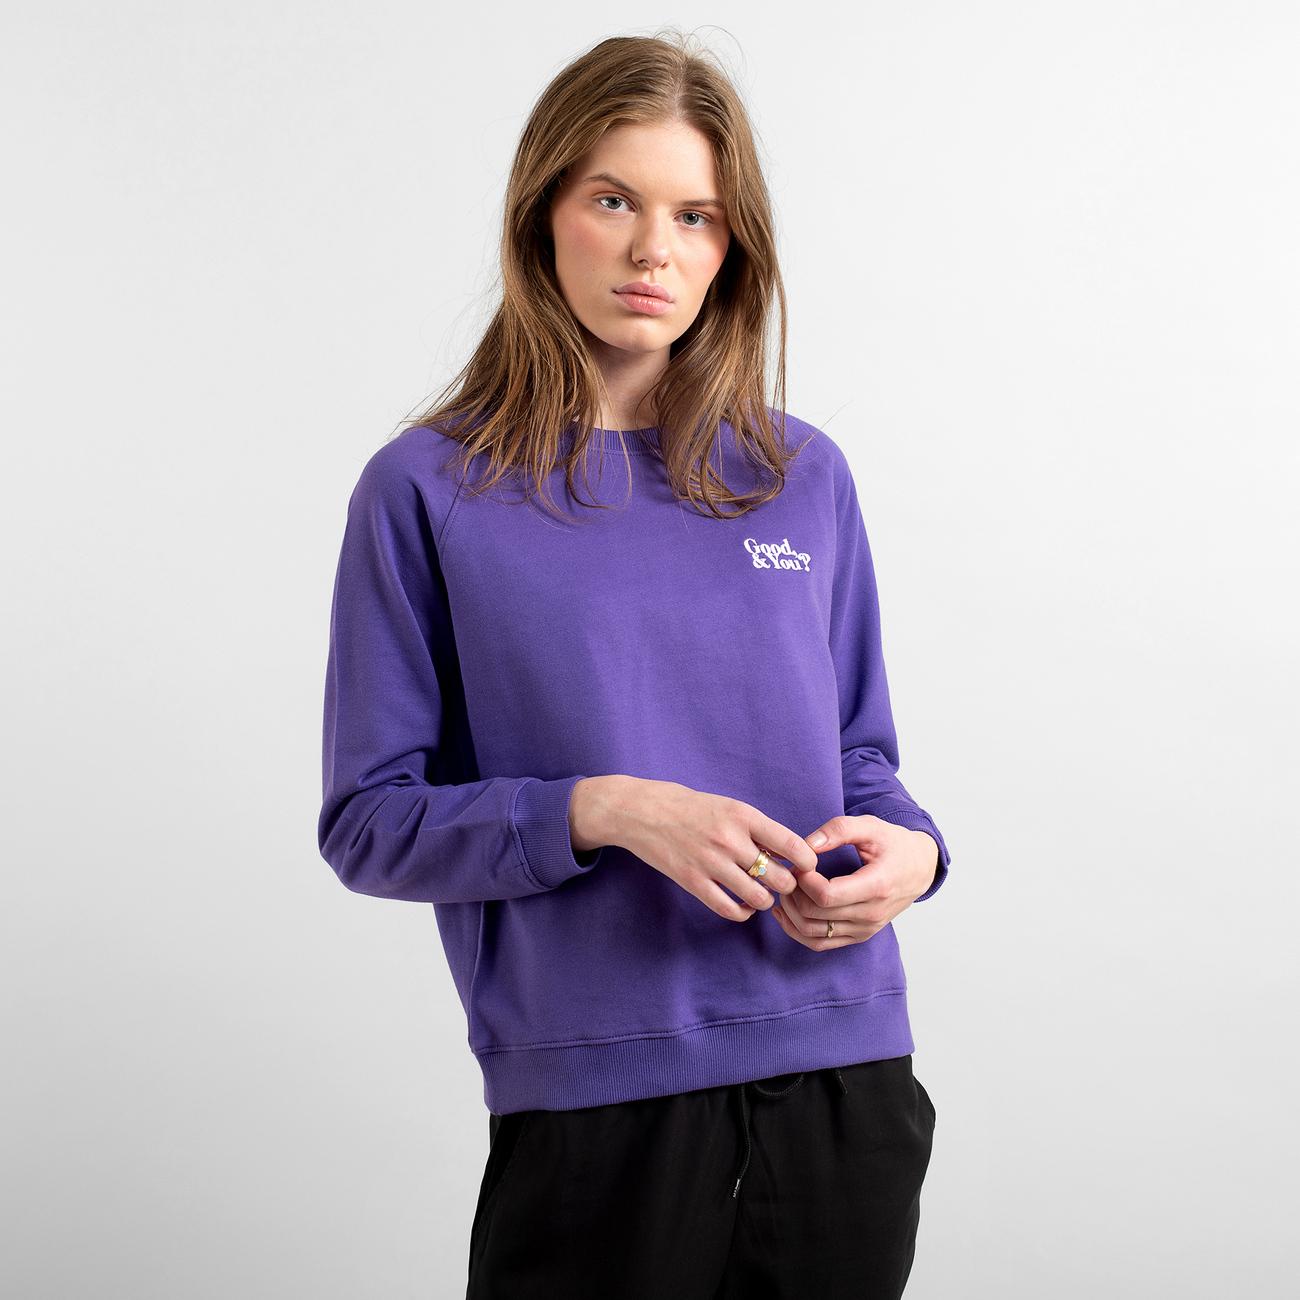 Sweatshirt Ystad Raglan Good and You